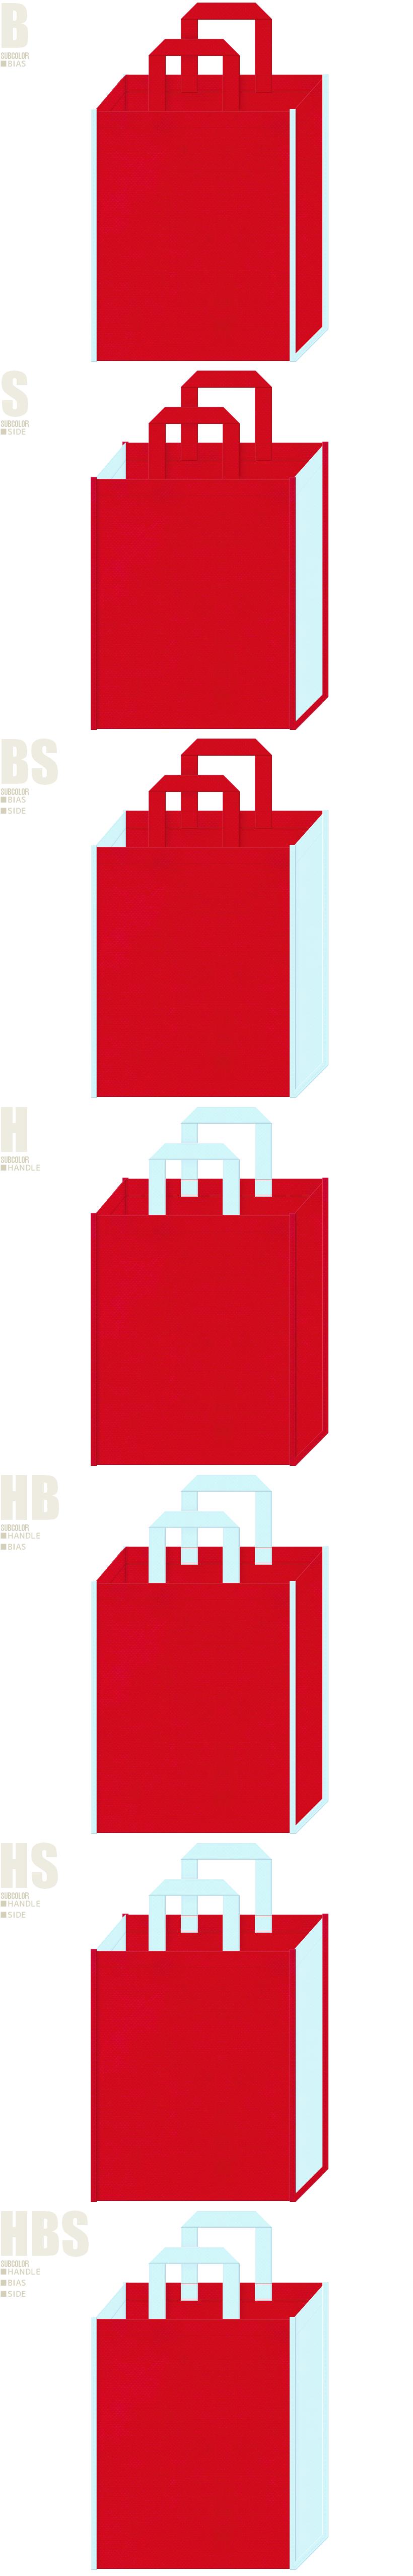 不織布トートバッグ 不織布カラーNo.35ワインレッドとNo.30水色の組み合わせ